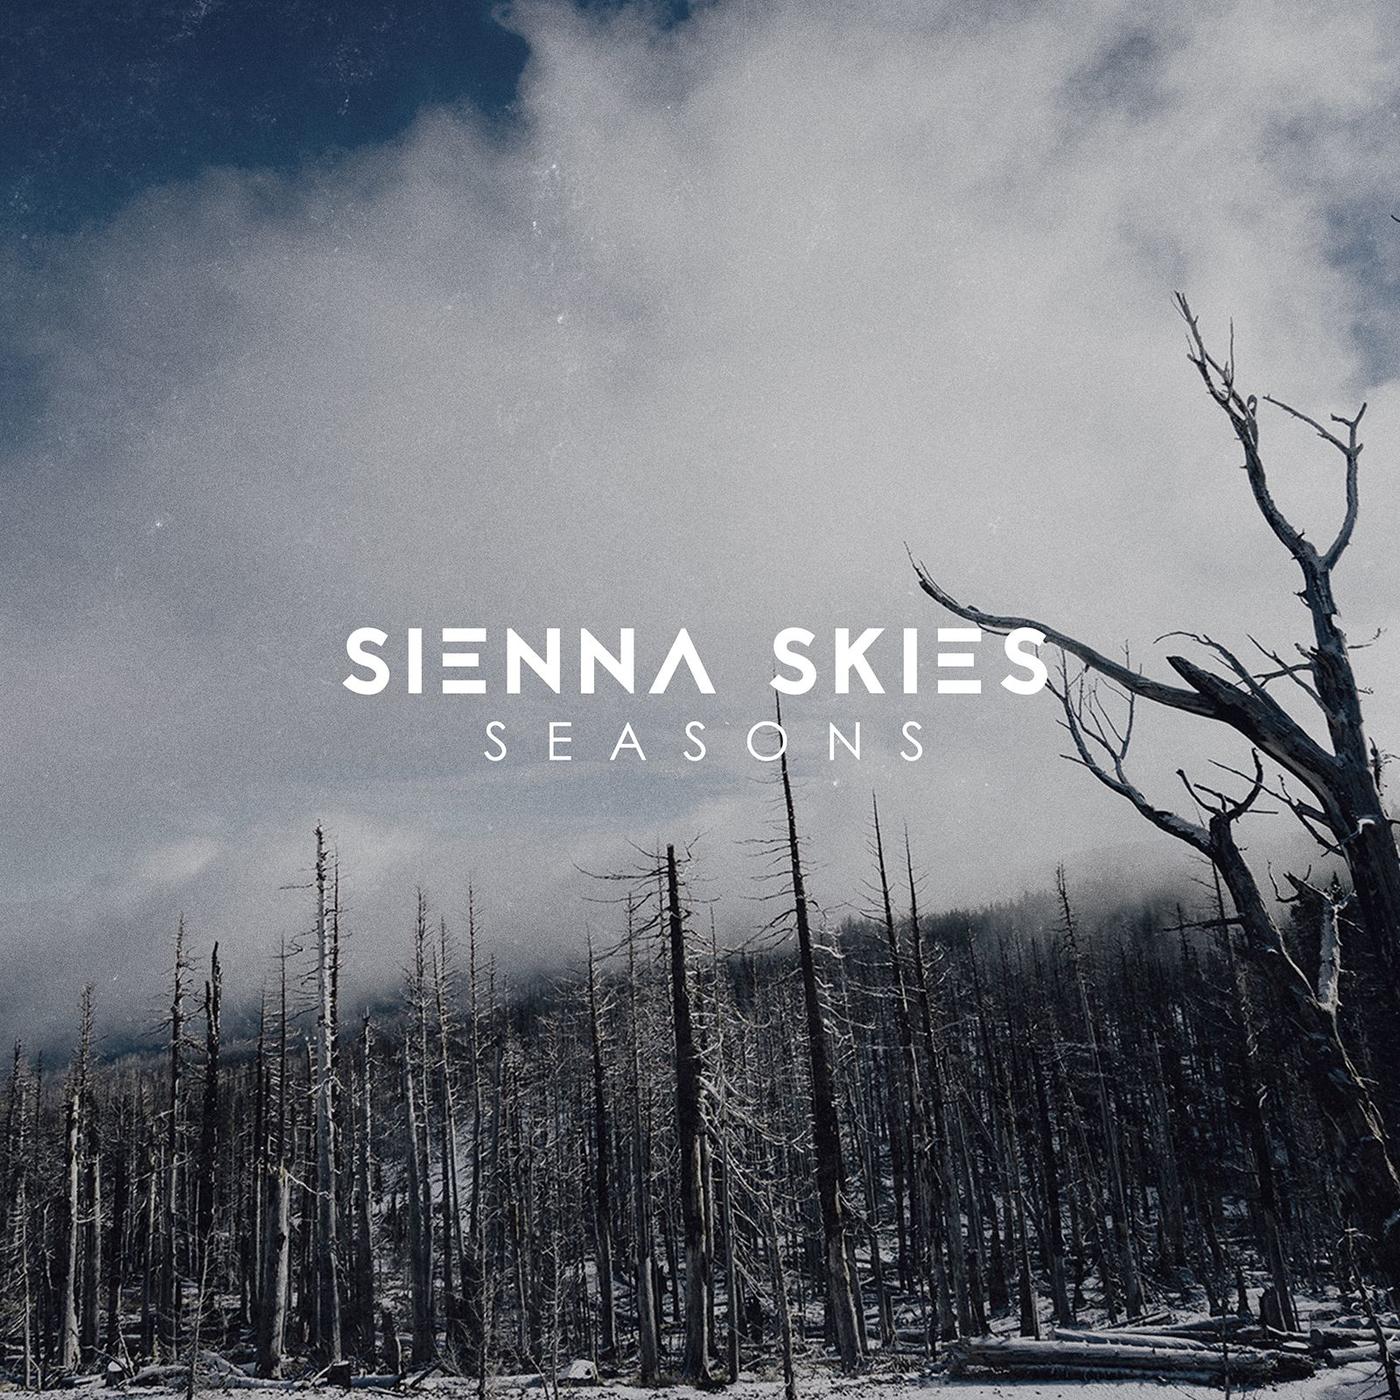 Sienna Skies - Seasons (Reissue) (2015)